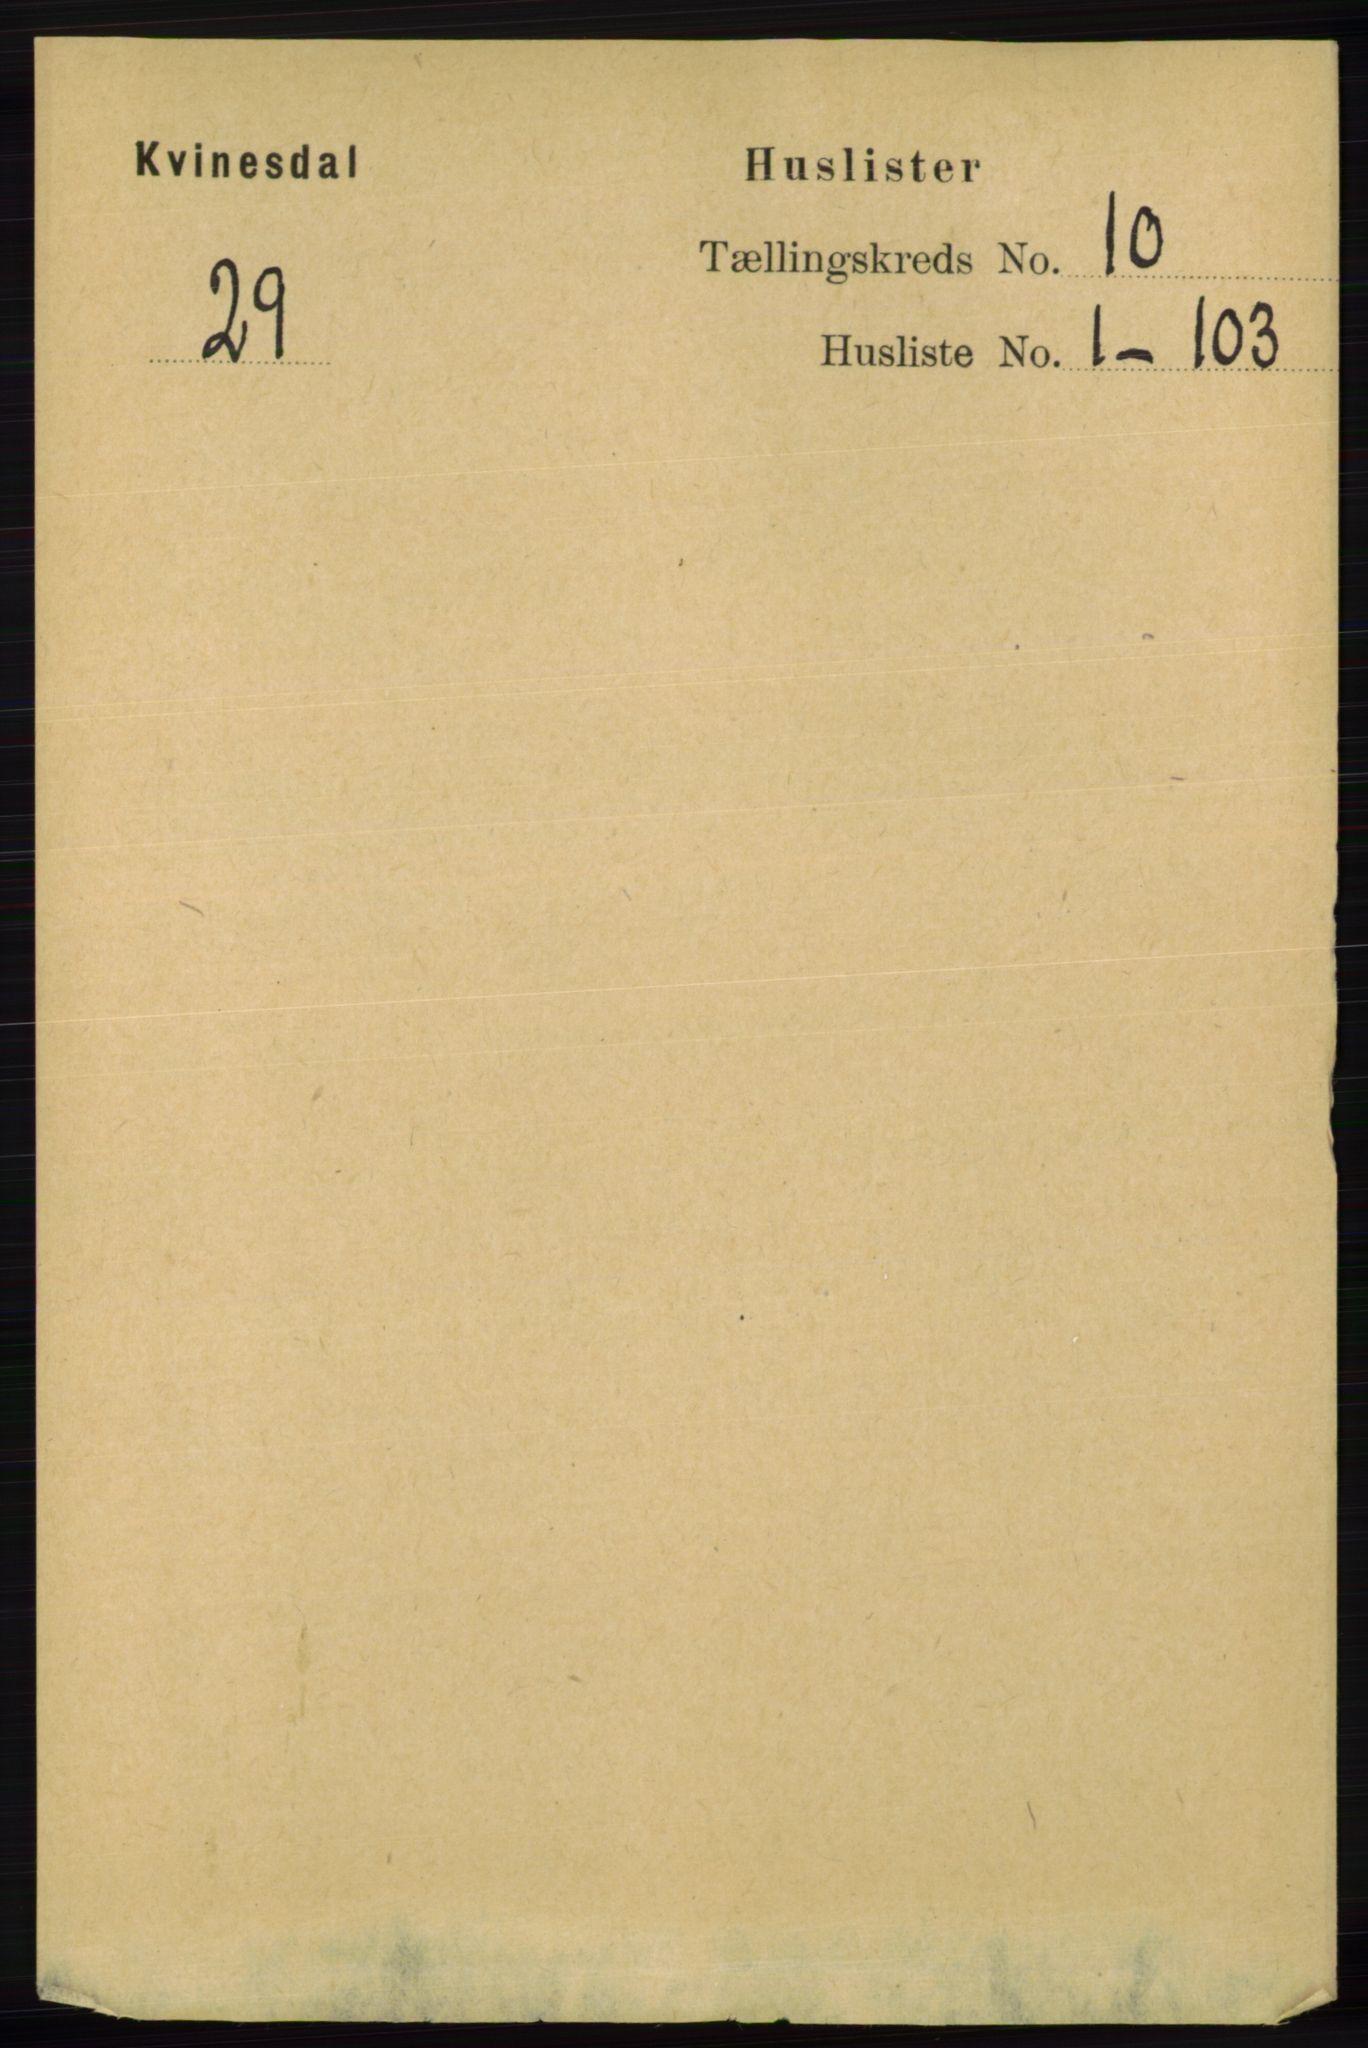 RA, Folketelling 1891 for 1037 Kvinesdal herred, 1891, s. 3750